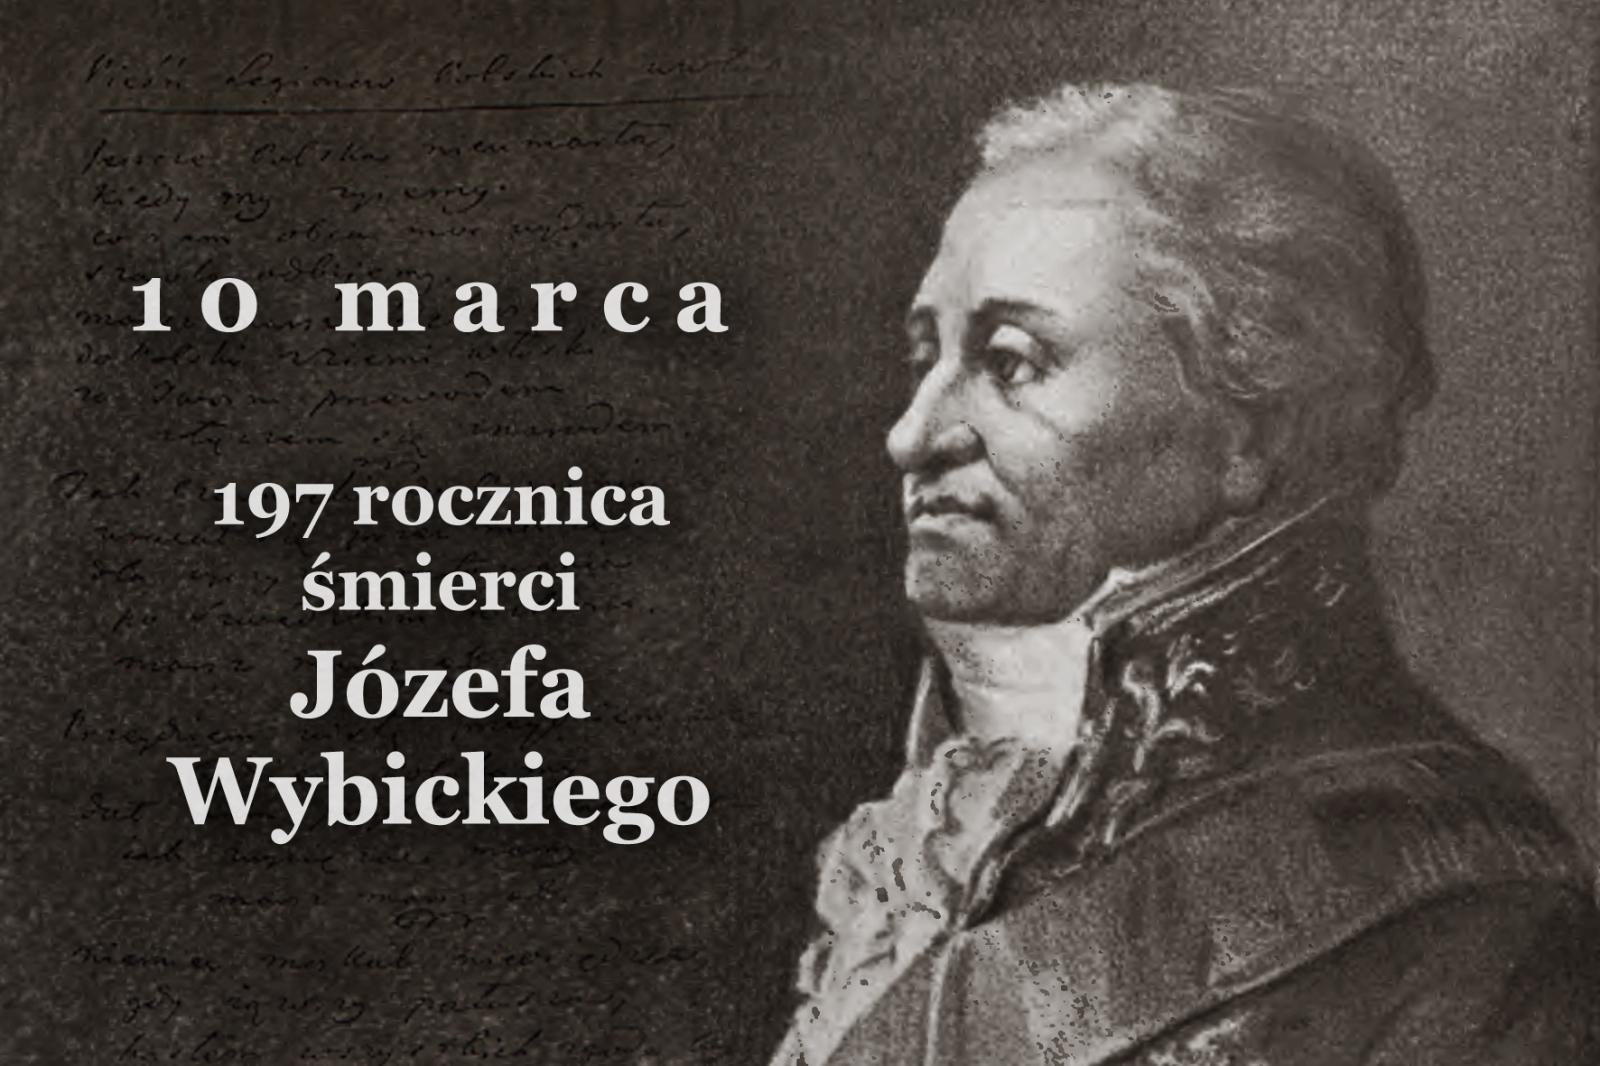 197 ROCZNICA ŚMIERCI JÓZEFA WYBICKIEGO